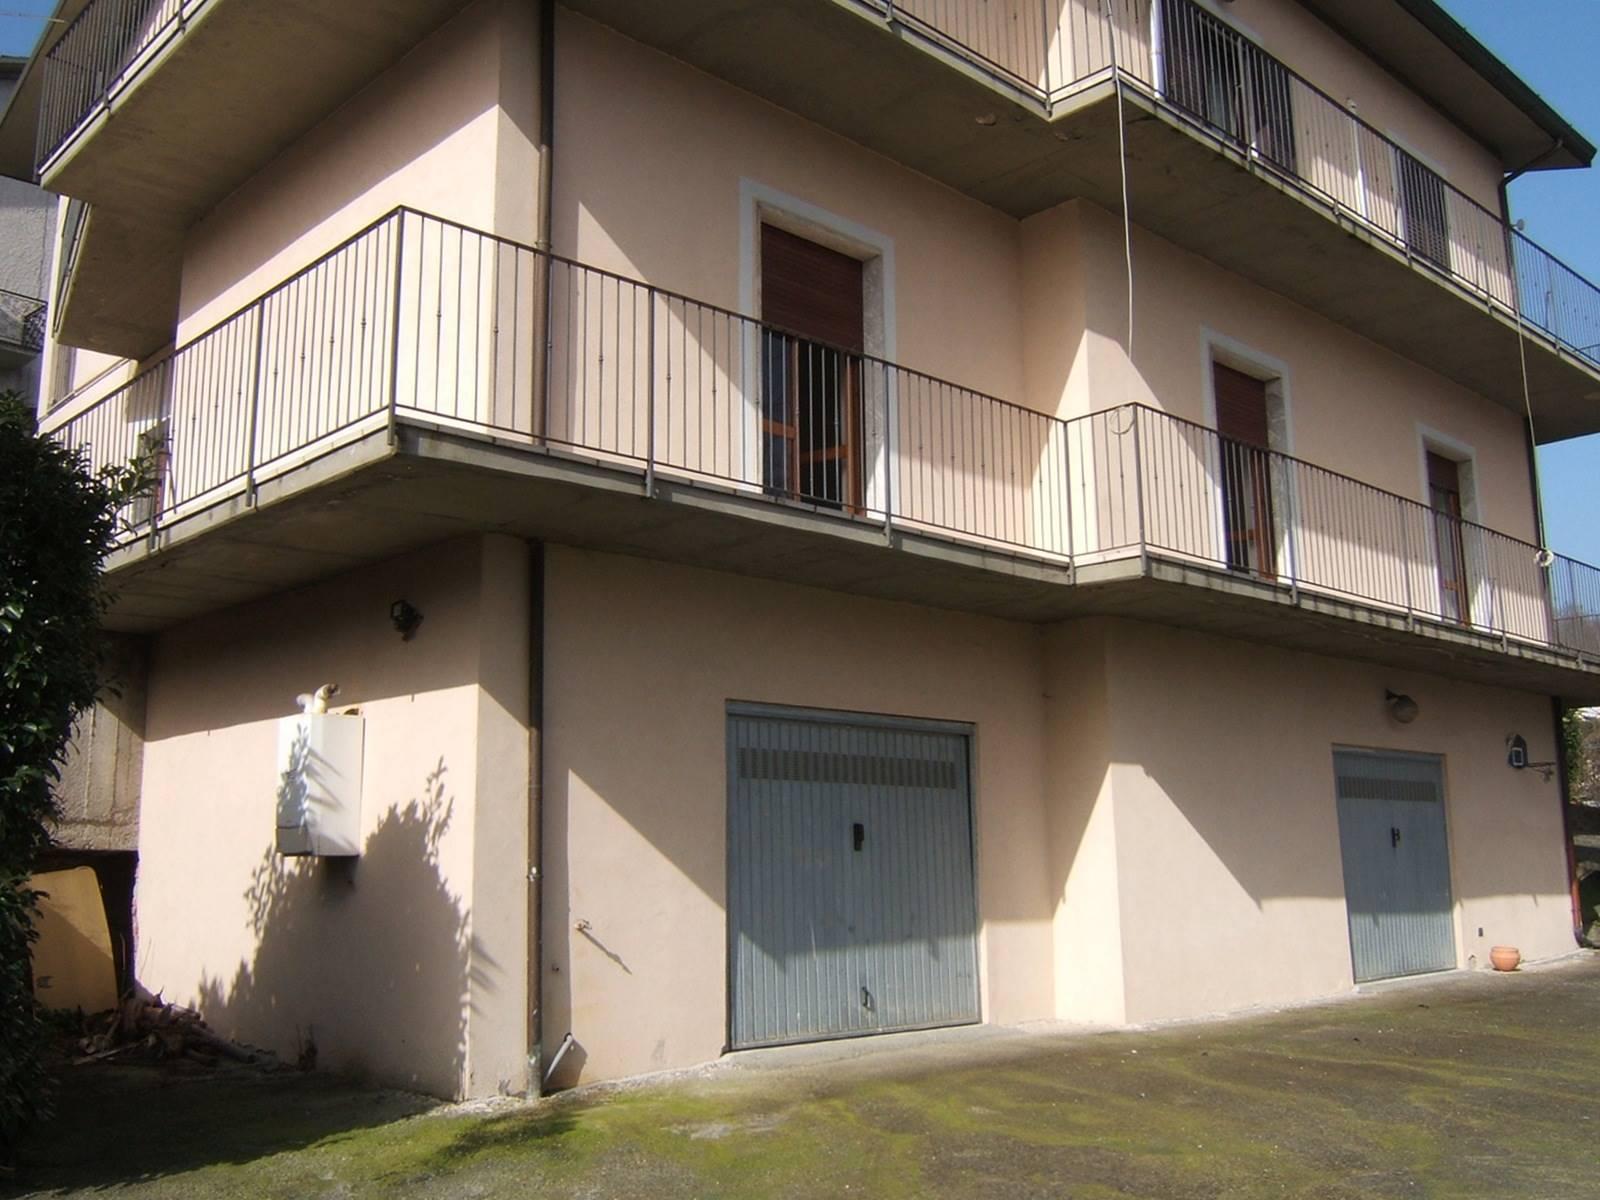 Appartamento in vendita a Podenzana, 5 locali, prezzo € 145.000 | PortaleAgenzieImmobiliari.it